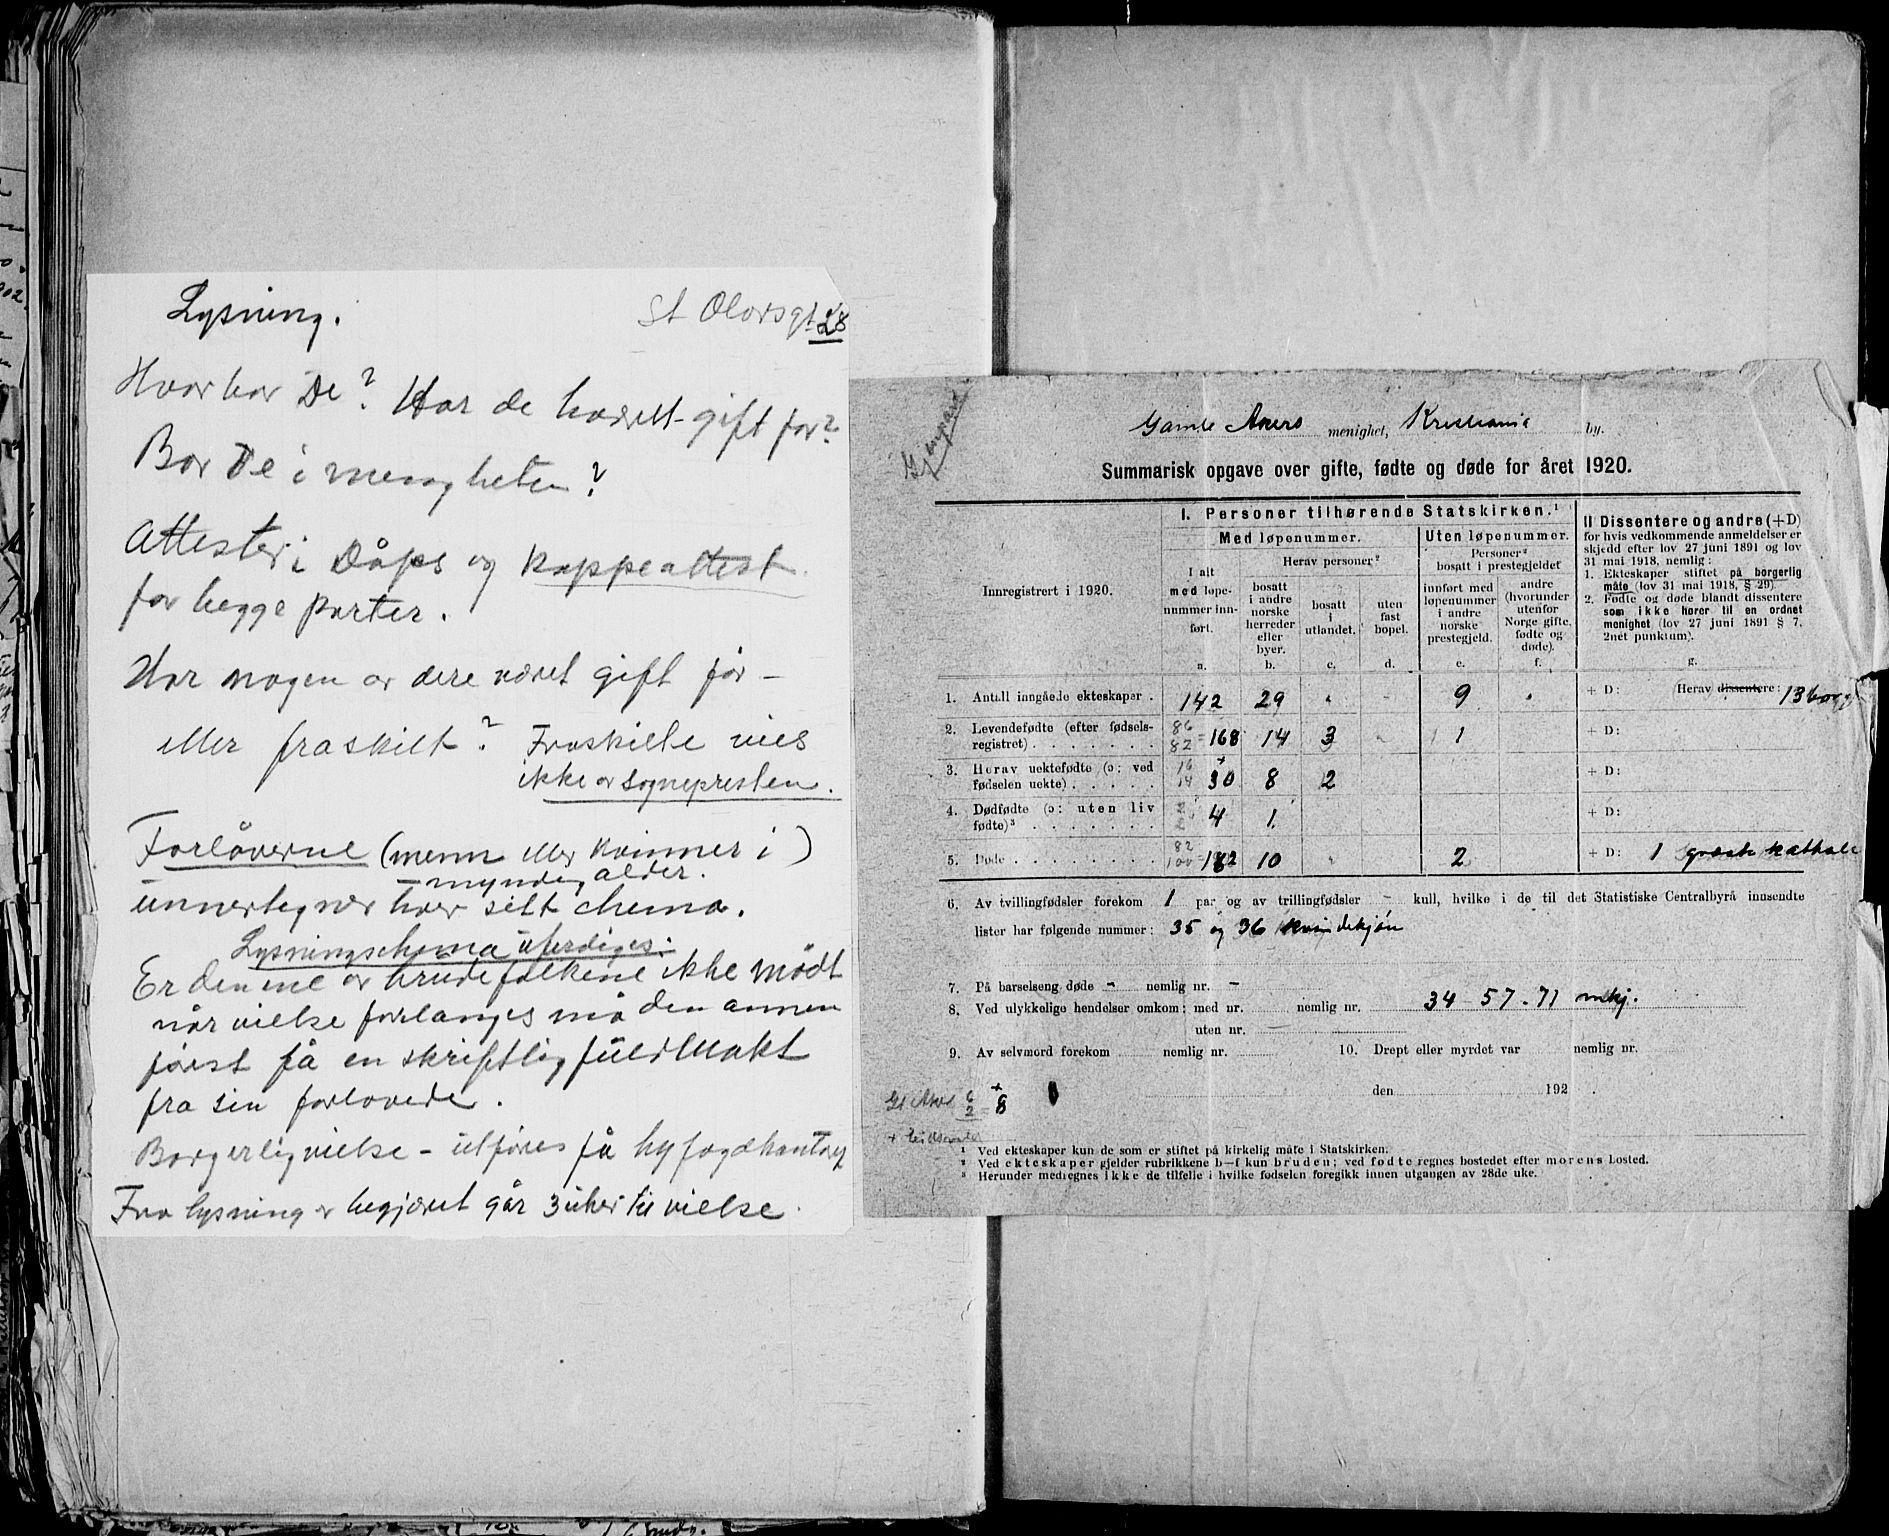 SAO, Gamle Aker prestekontor Kirkebøker, H/L0005: Lysningsprotokoll nr. 5, 1918-1930